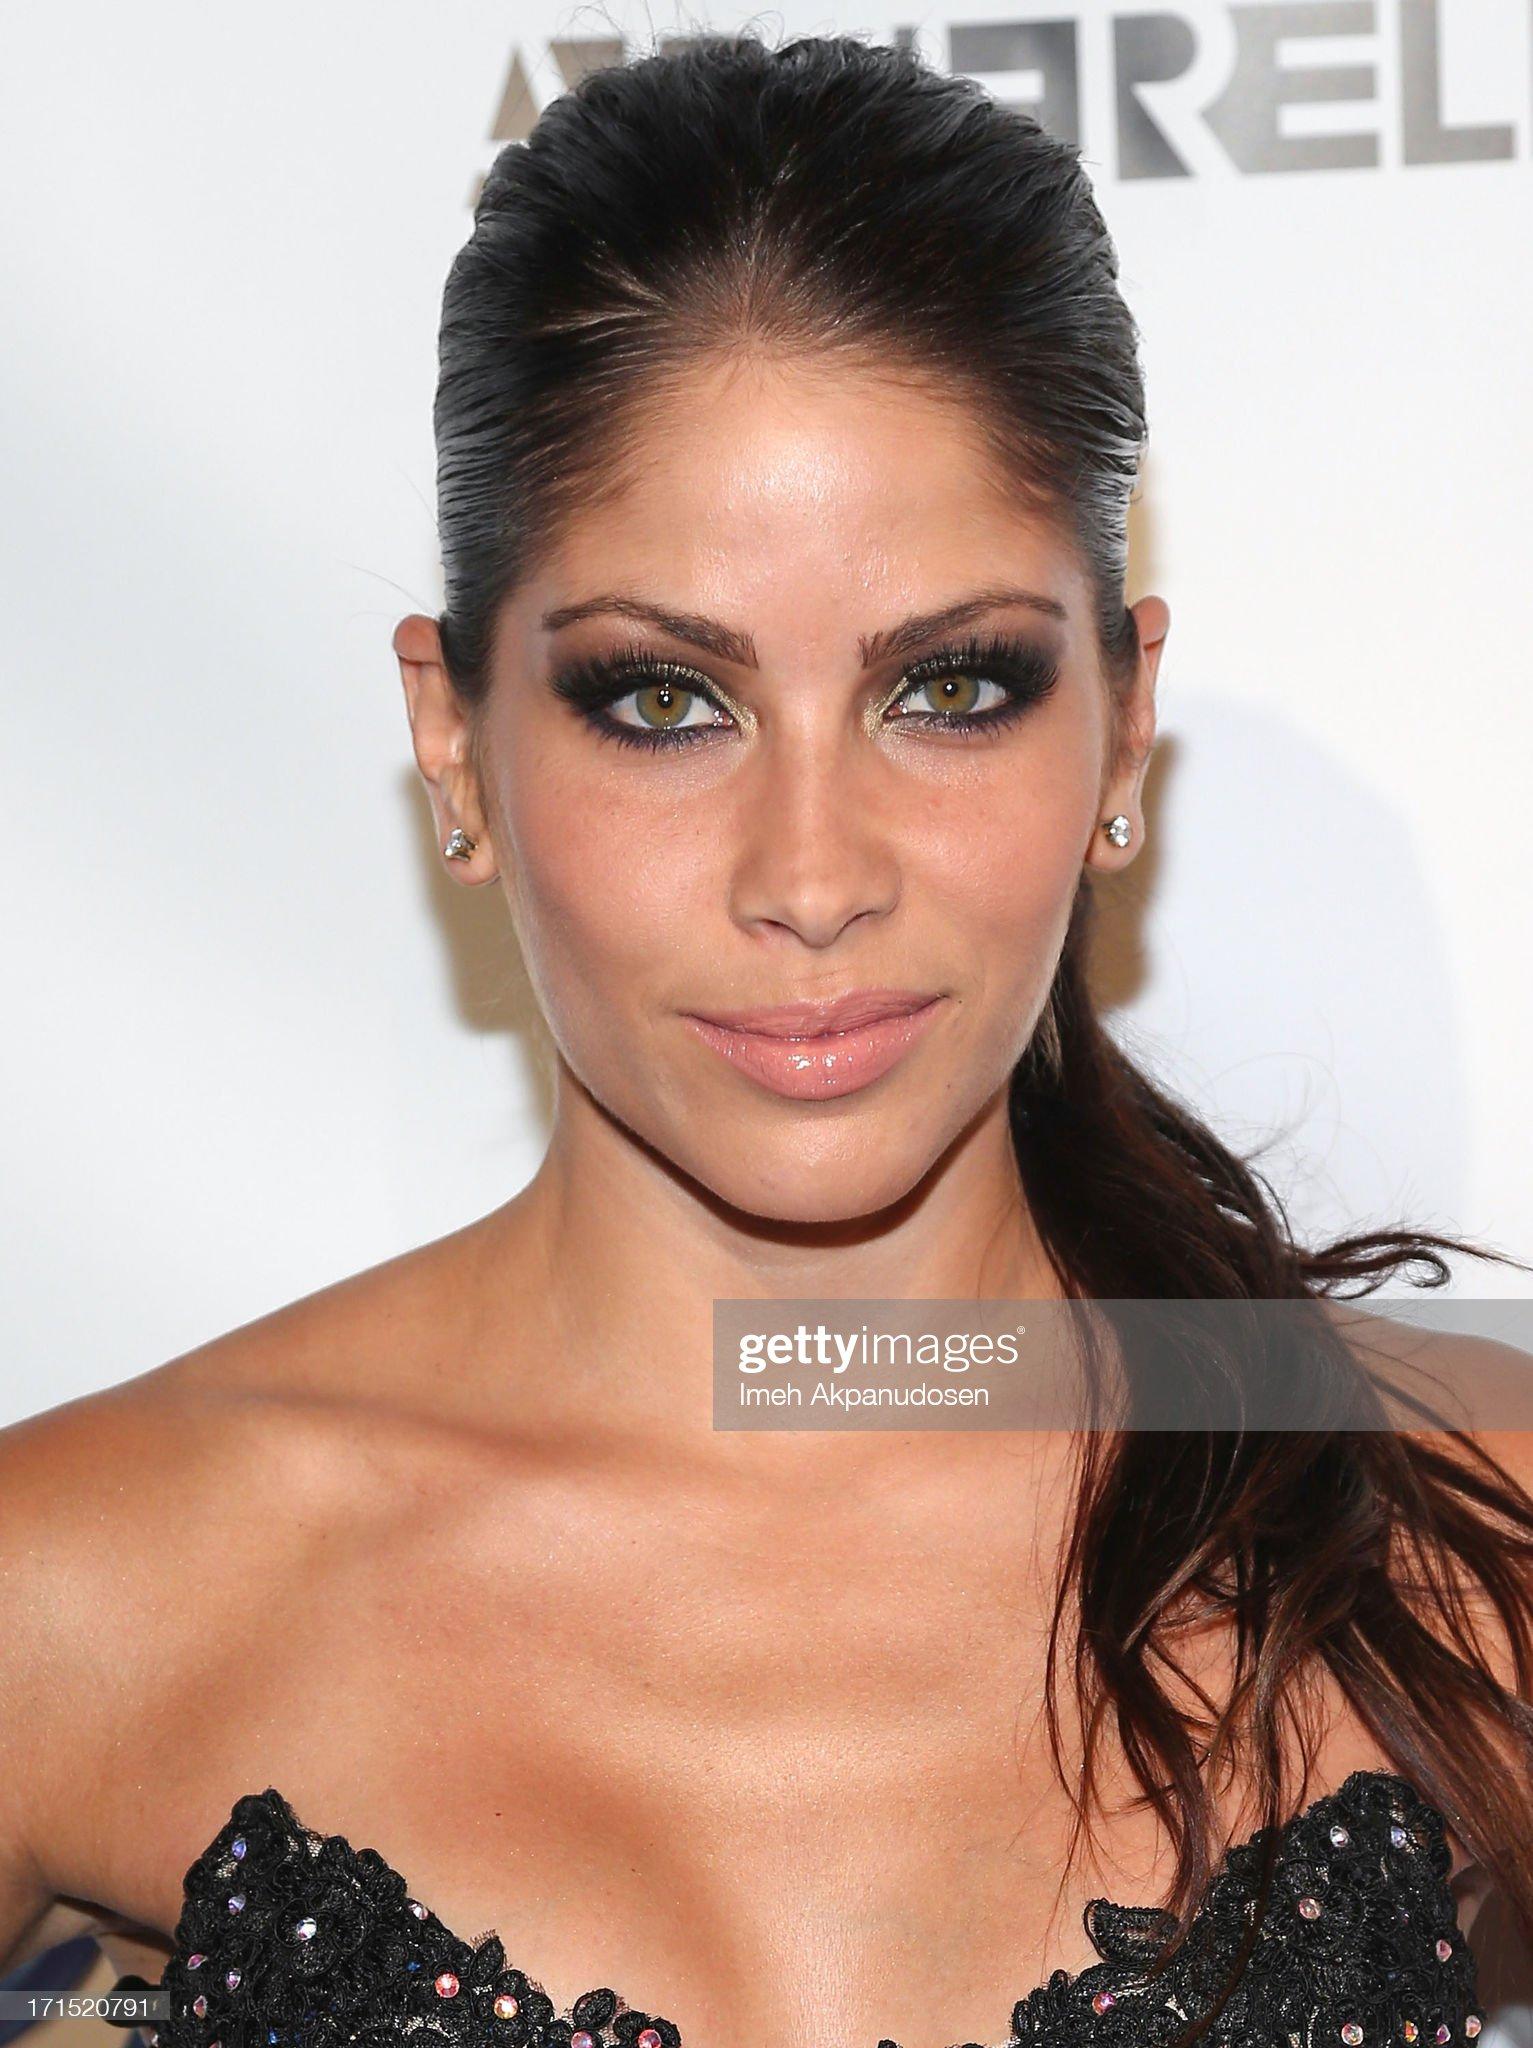 DEBATE sobre belleza, guapura y hermosura (fotos de chicas latinas, mestizas, y de todo) - VOL II - Página 9 Actress-valery-ortiz-attends-logos-hot-100-party-at-drais-lounge-in-w-picture-id171520791?s=2048x2048